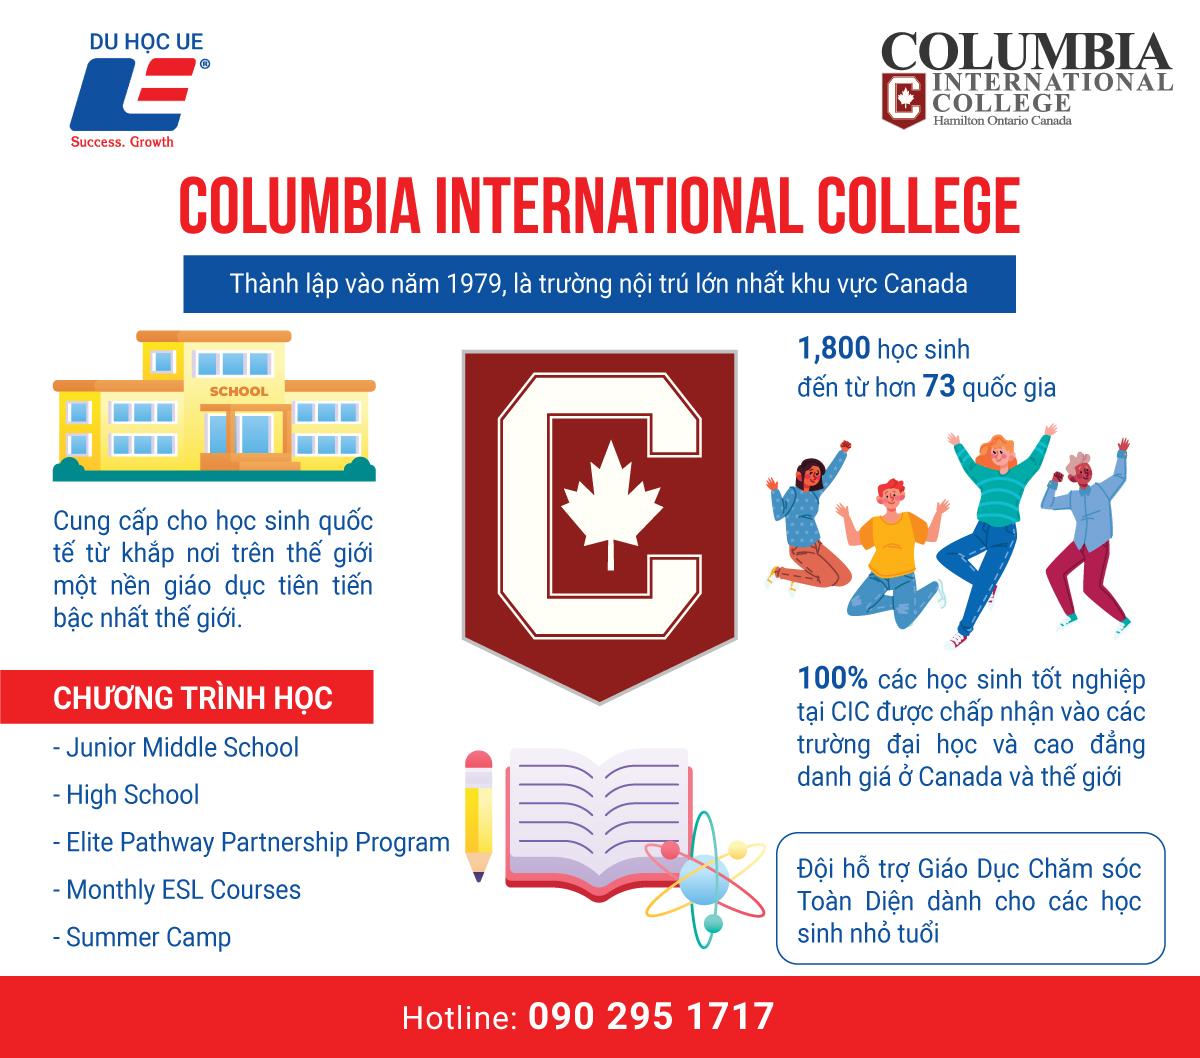 Cùng UE tìm hiểu về trường tư thục nổi tiếng nhất Canada - Columbia International College